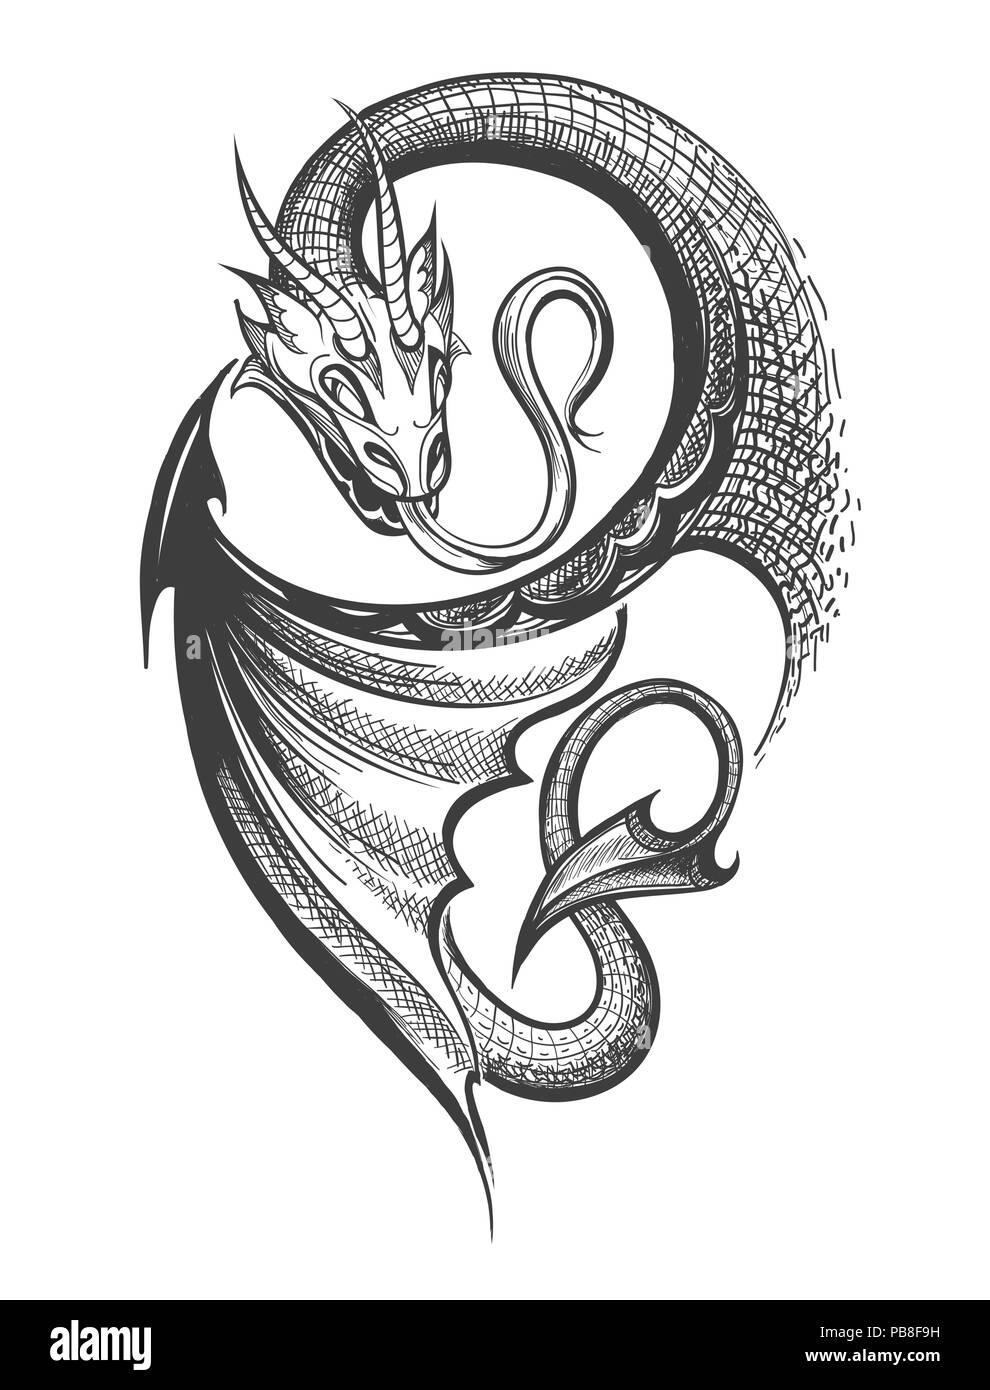 Cabezas De Dragones Para Tatuar tribal dragon tattoo imágenes de stock & tribal dragon